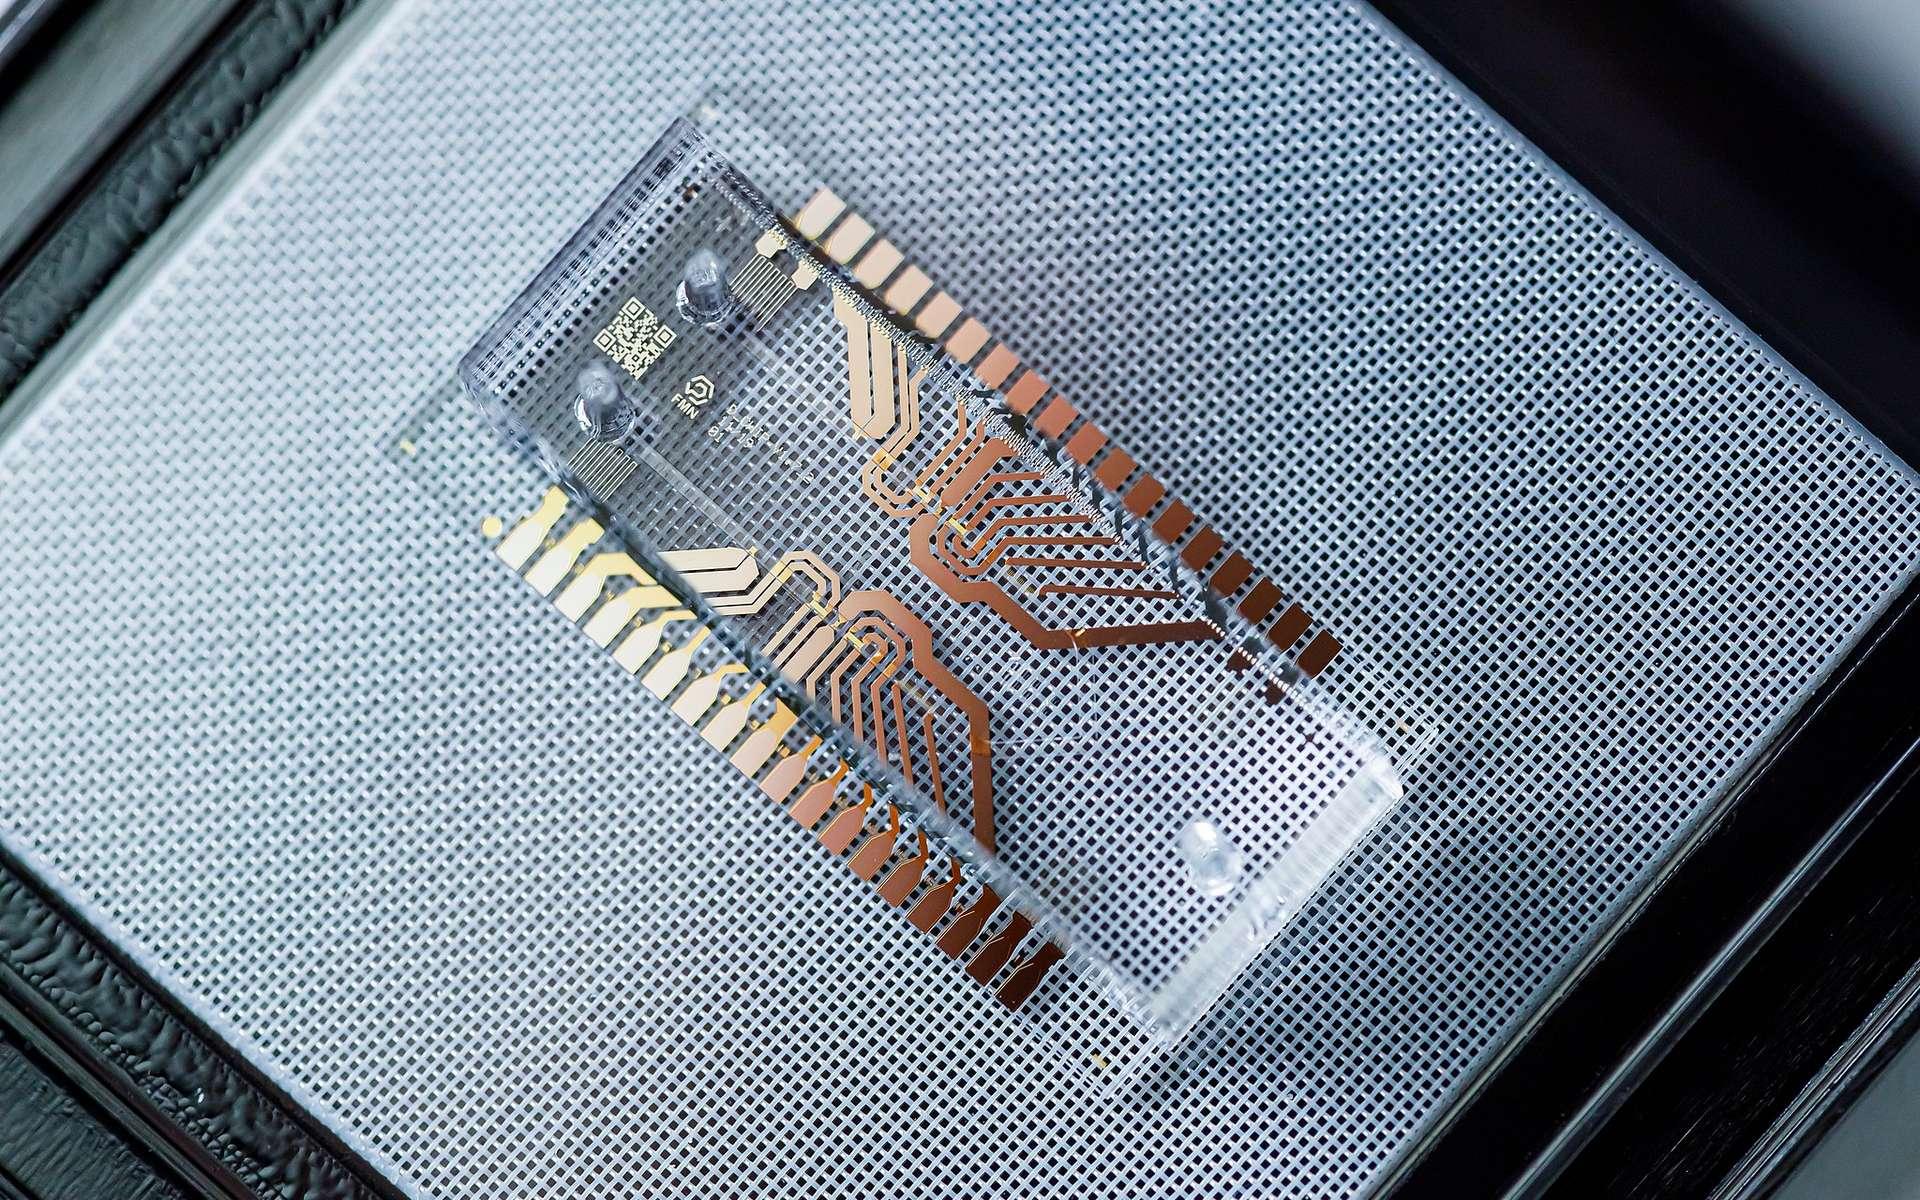 Une puce microfluidique pour le diagnostic médical. © FMNLab, Wikimedia Commons